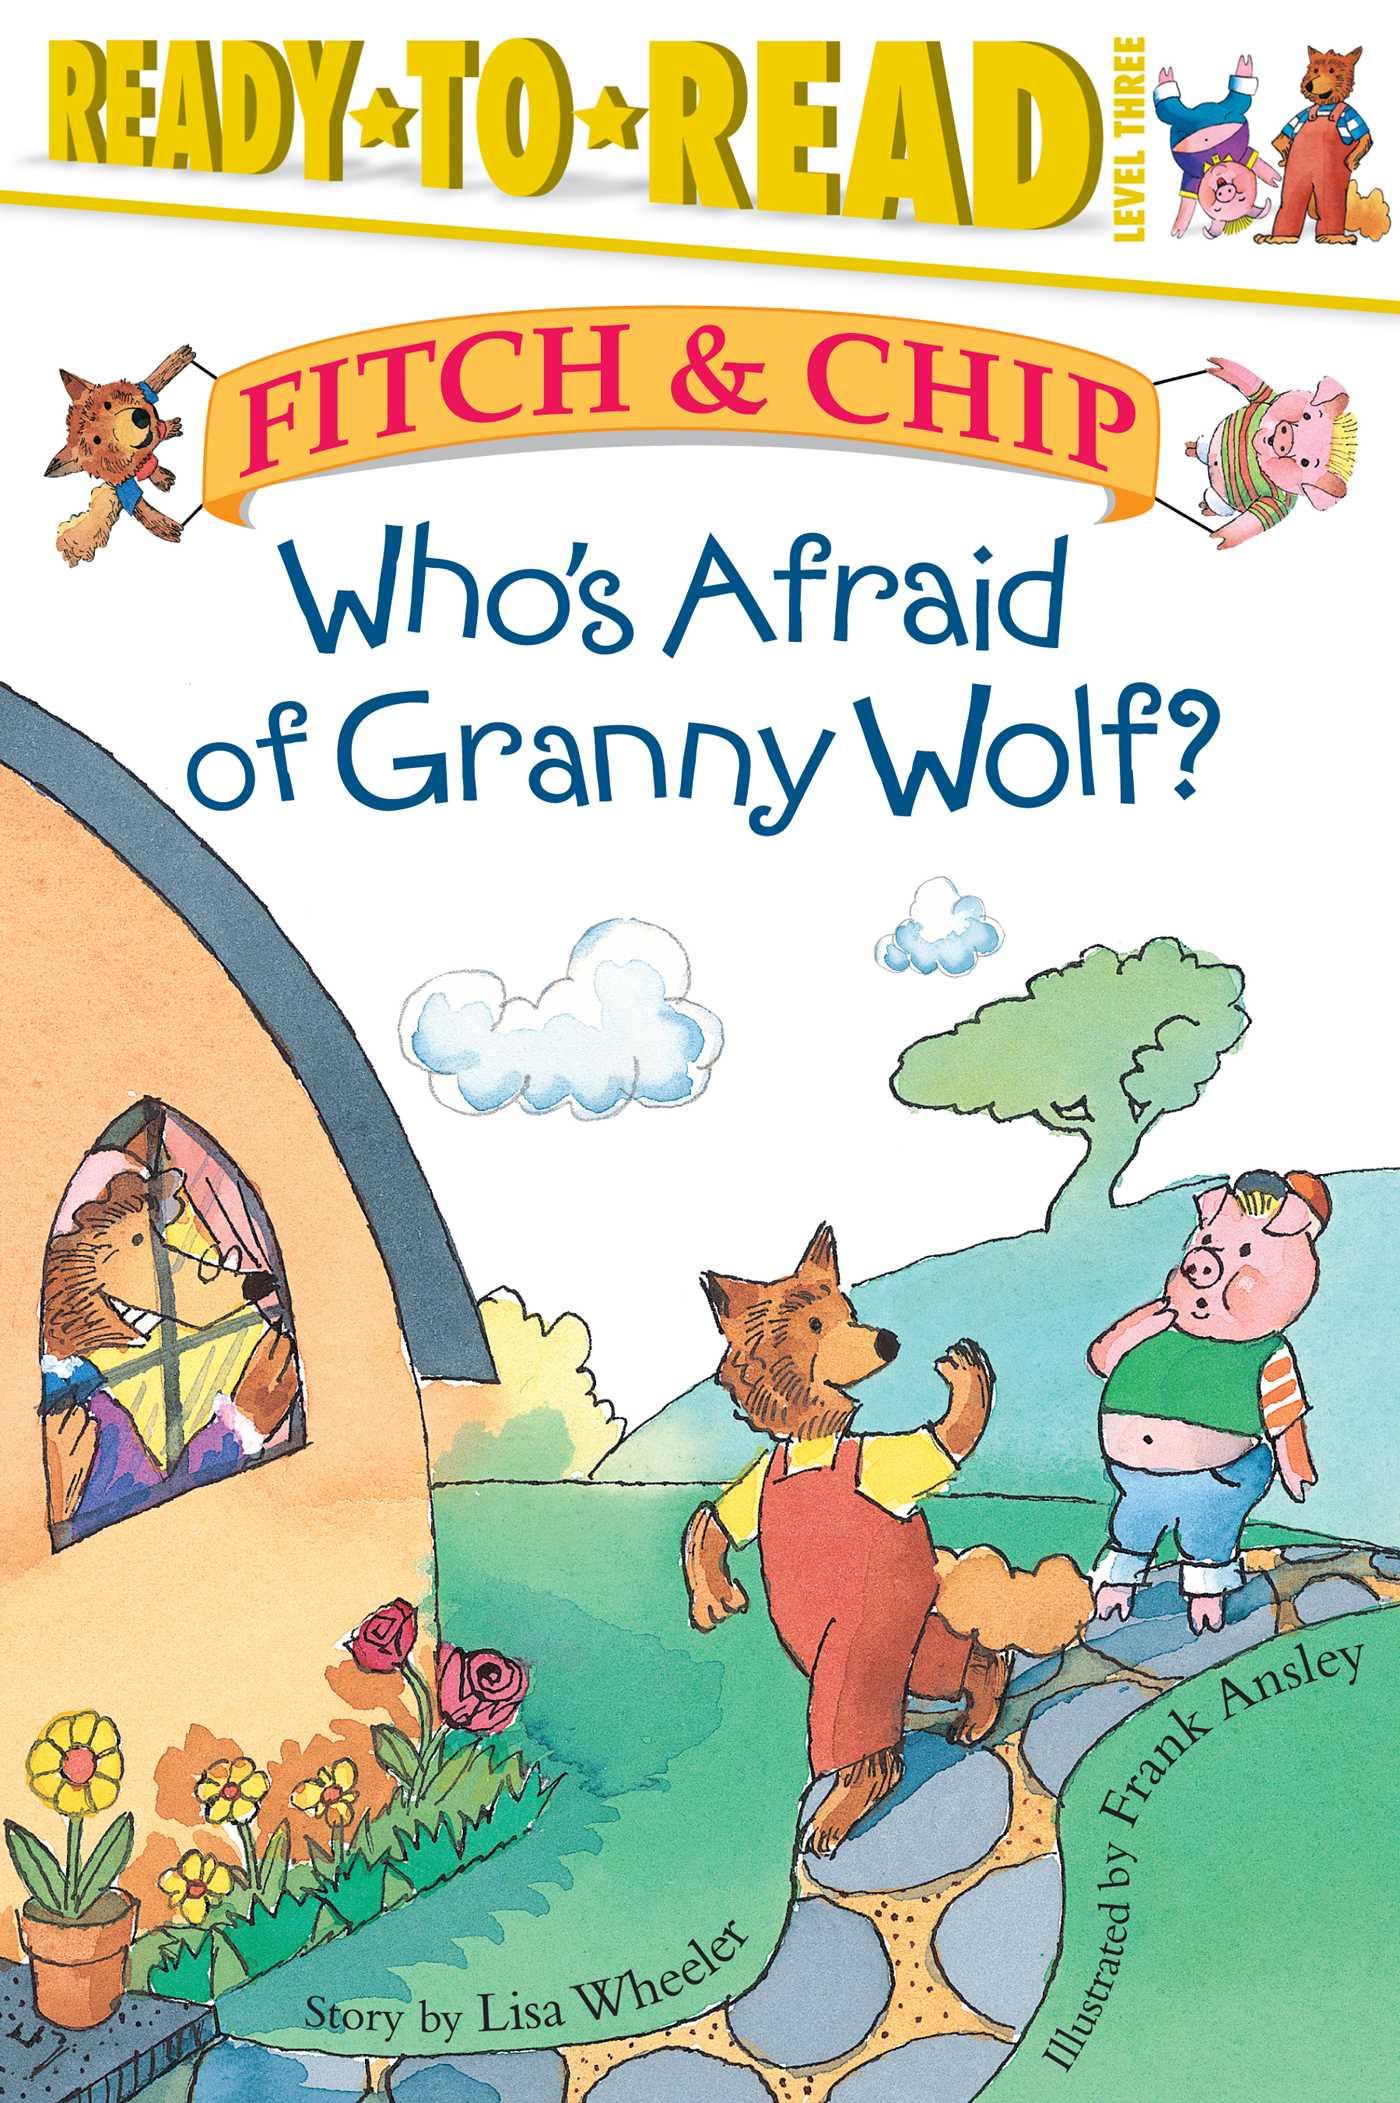 Whos afraid of granny wolf 9780689849572 hr